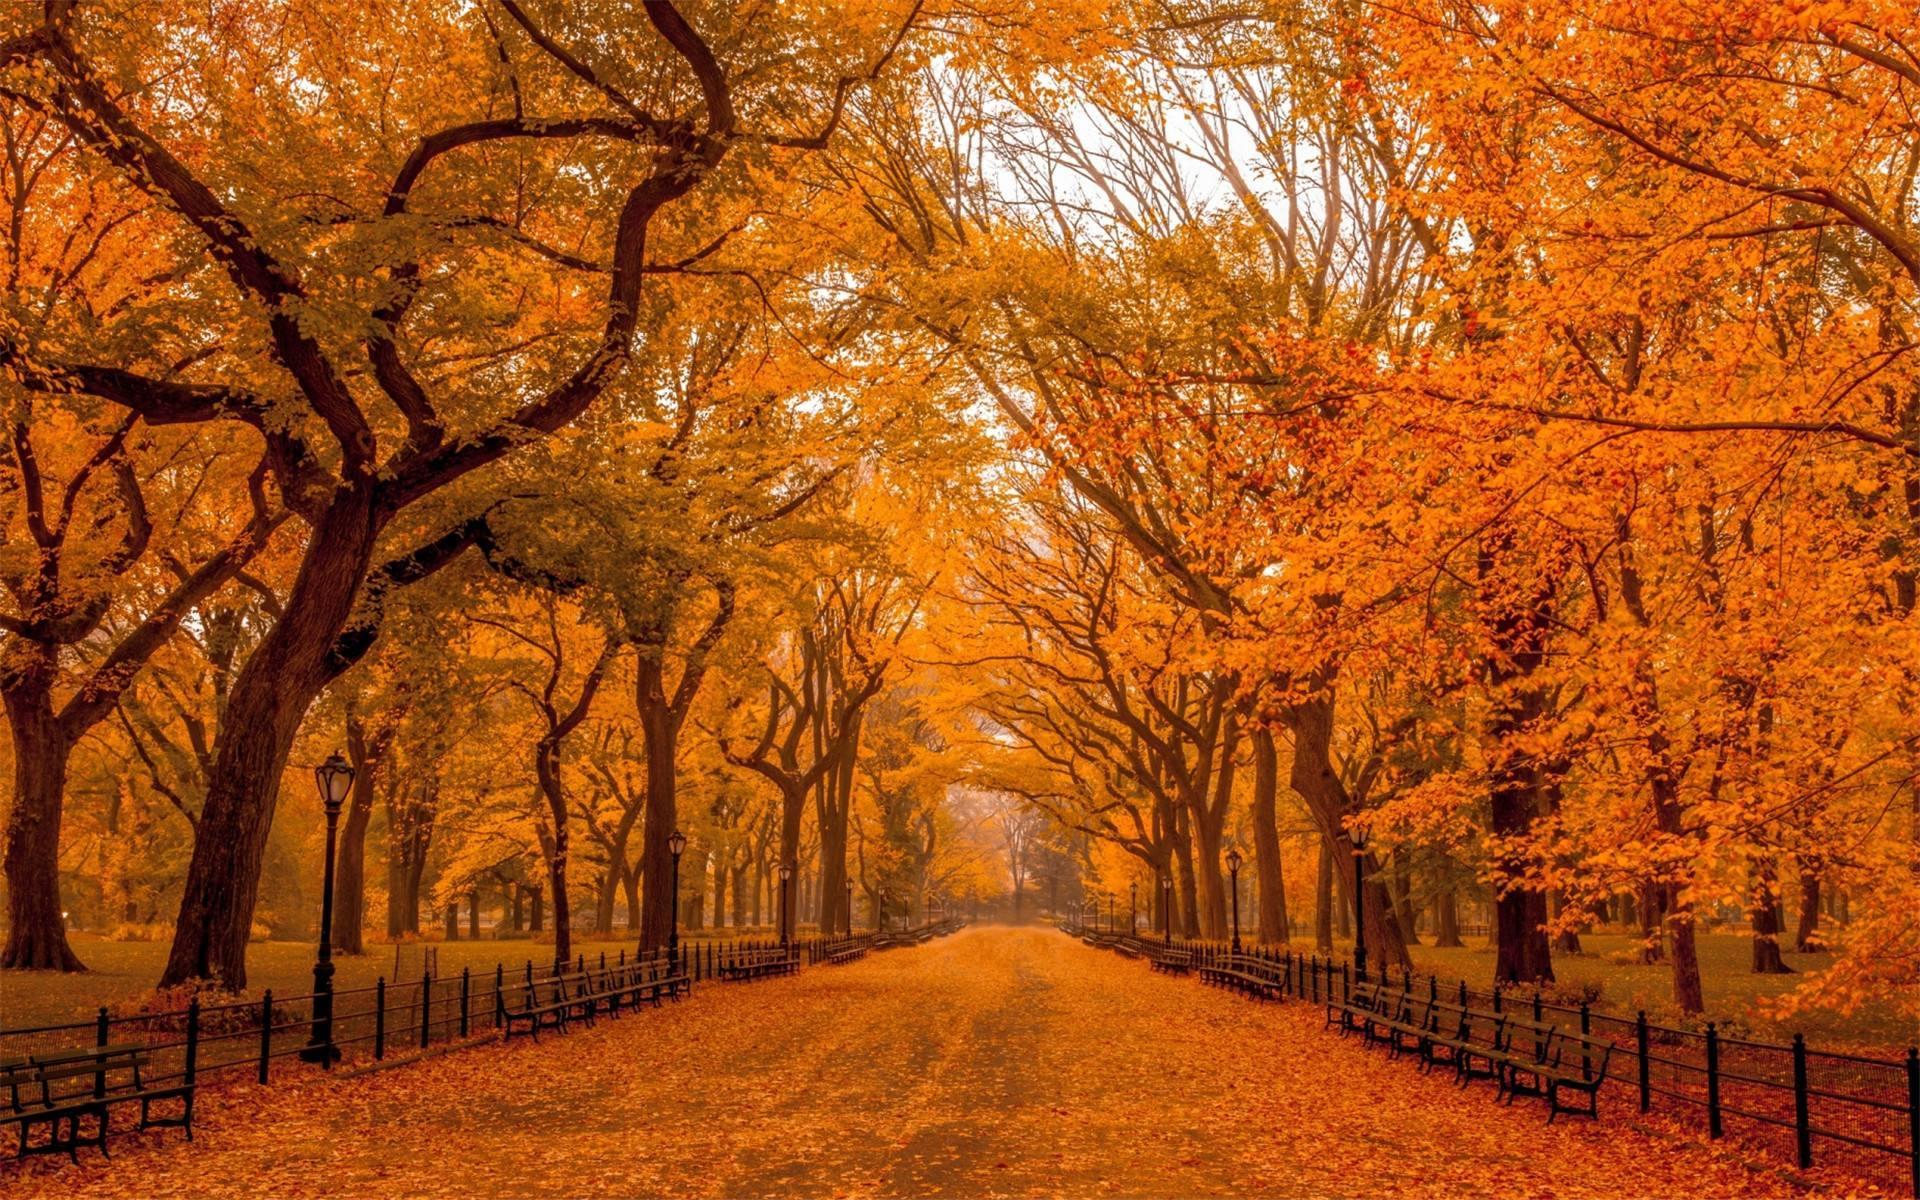 描写乡下的秋天散文